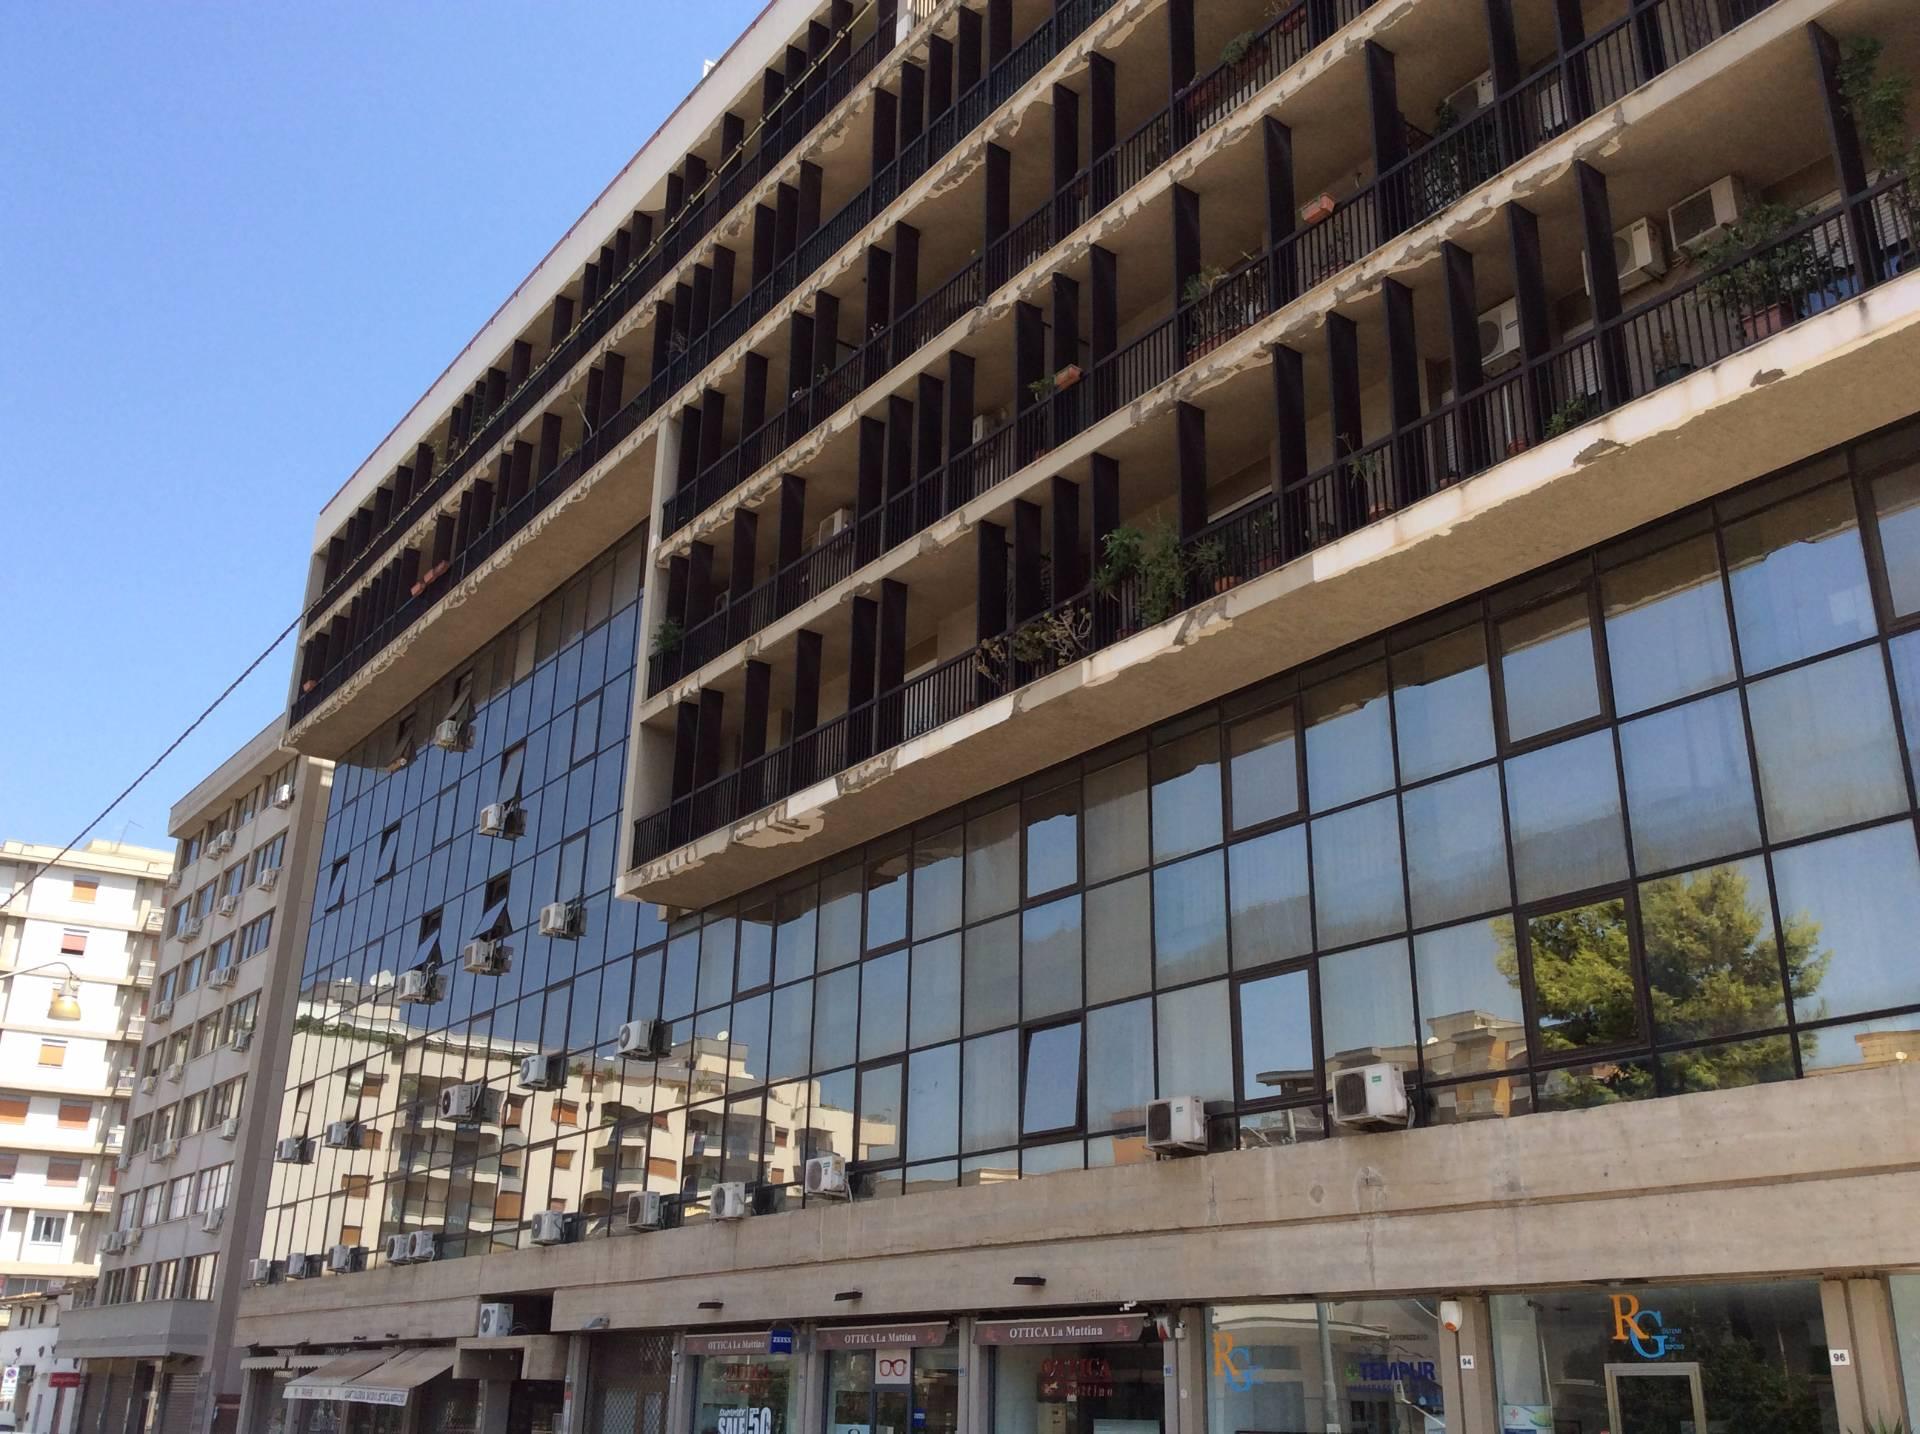 Ufficio / Studio in affitto a Palermo, 9999 locali, zona Zona: Strasburgo, prezzo € 420 | CambioCasa.it